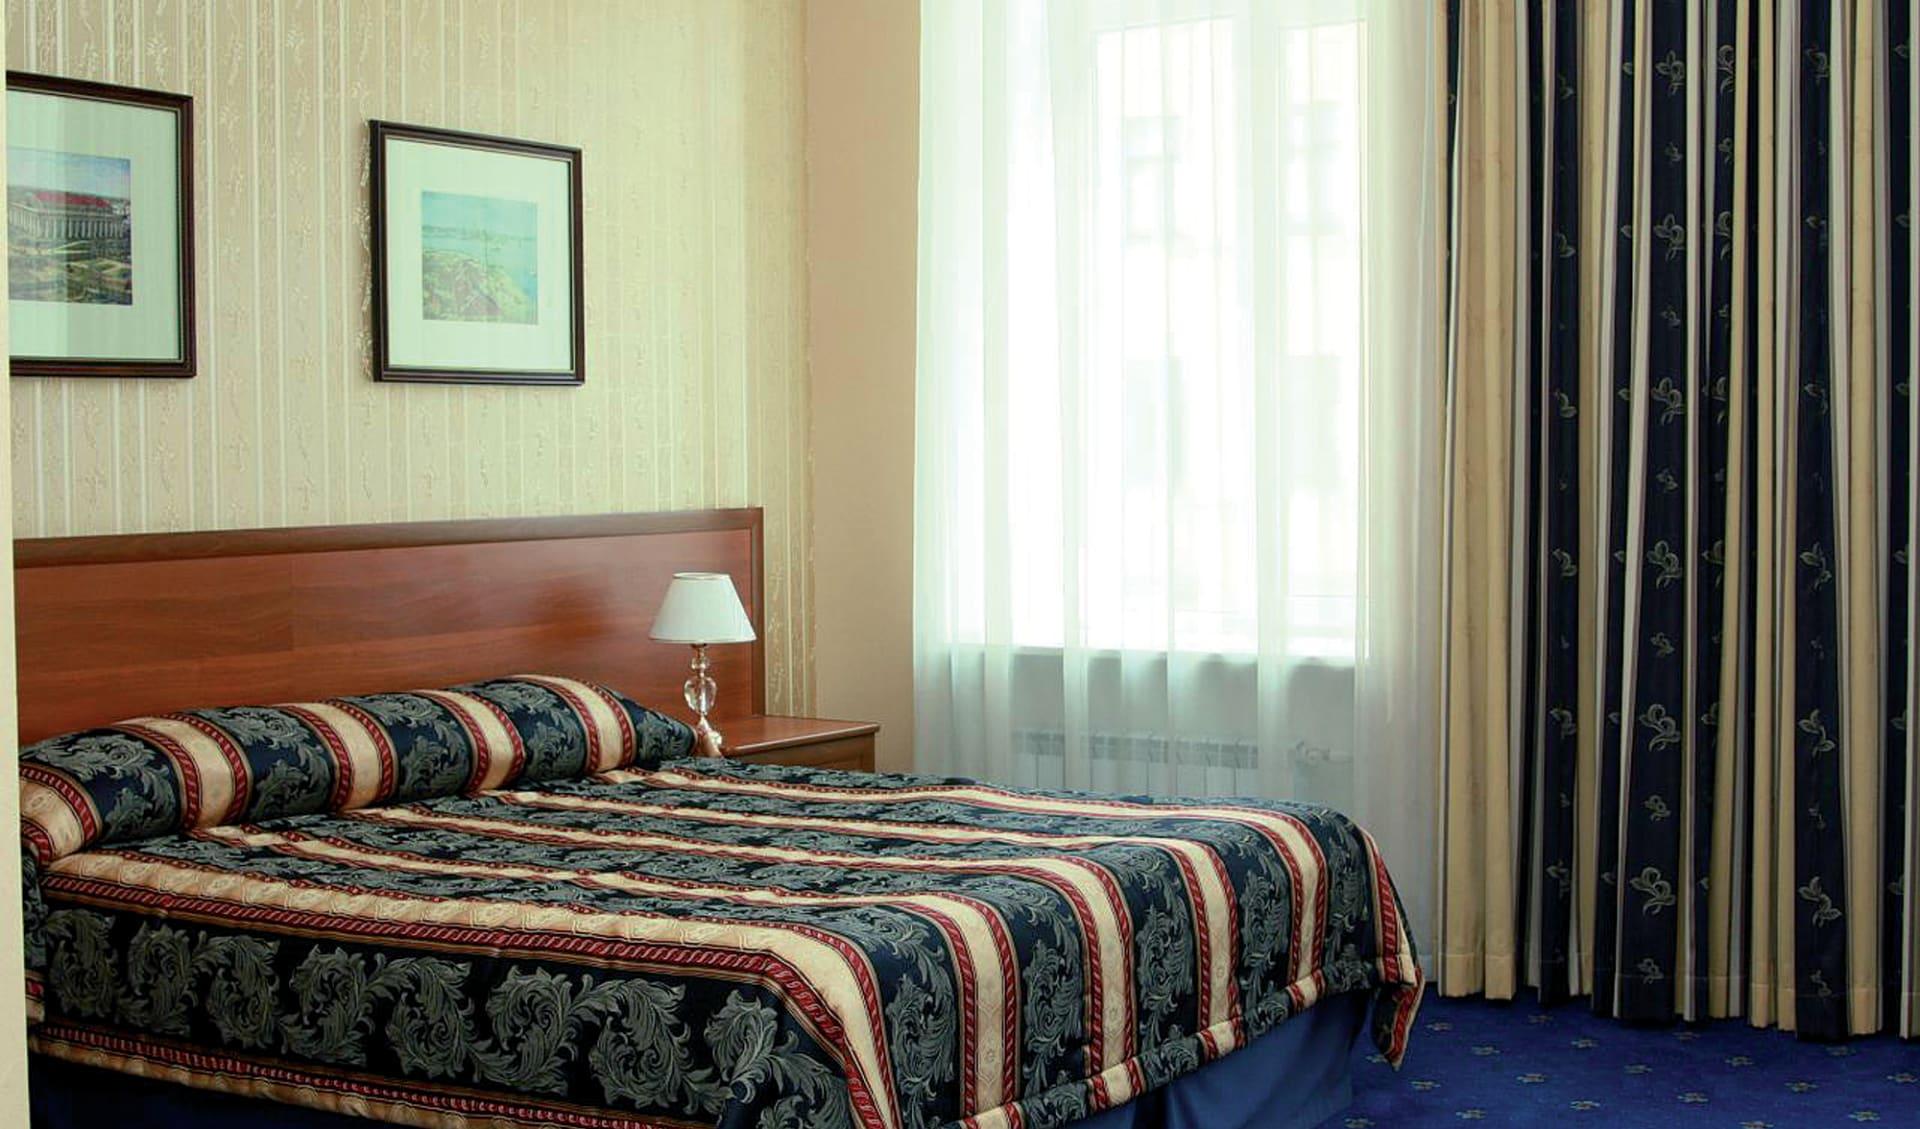 Hotel Belvedere-Newski in St. Petersburg: Russland_St.Petersburg_BelvedereNewsky_Zimmer